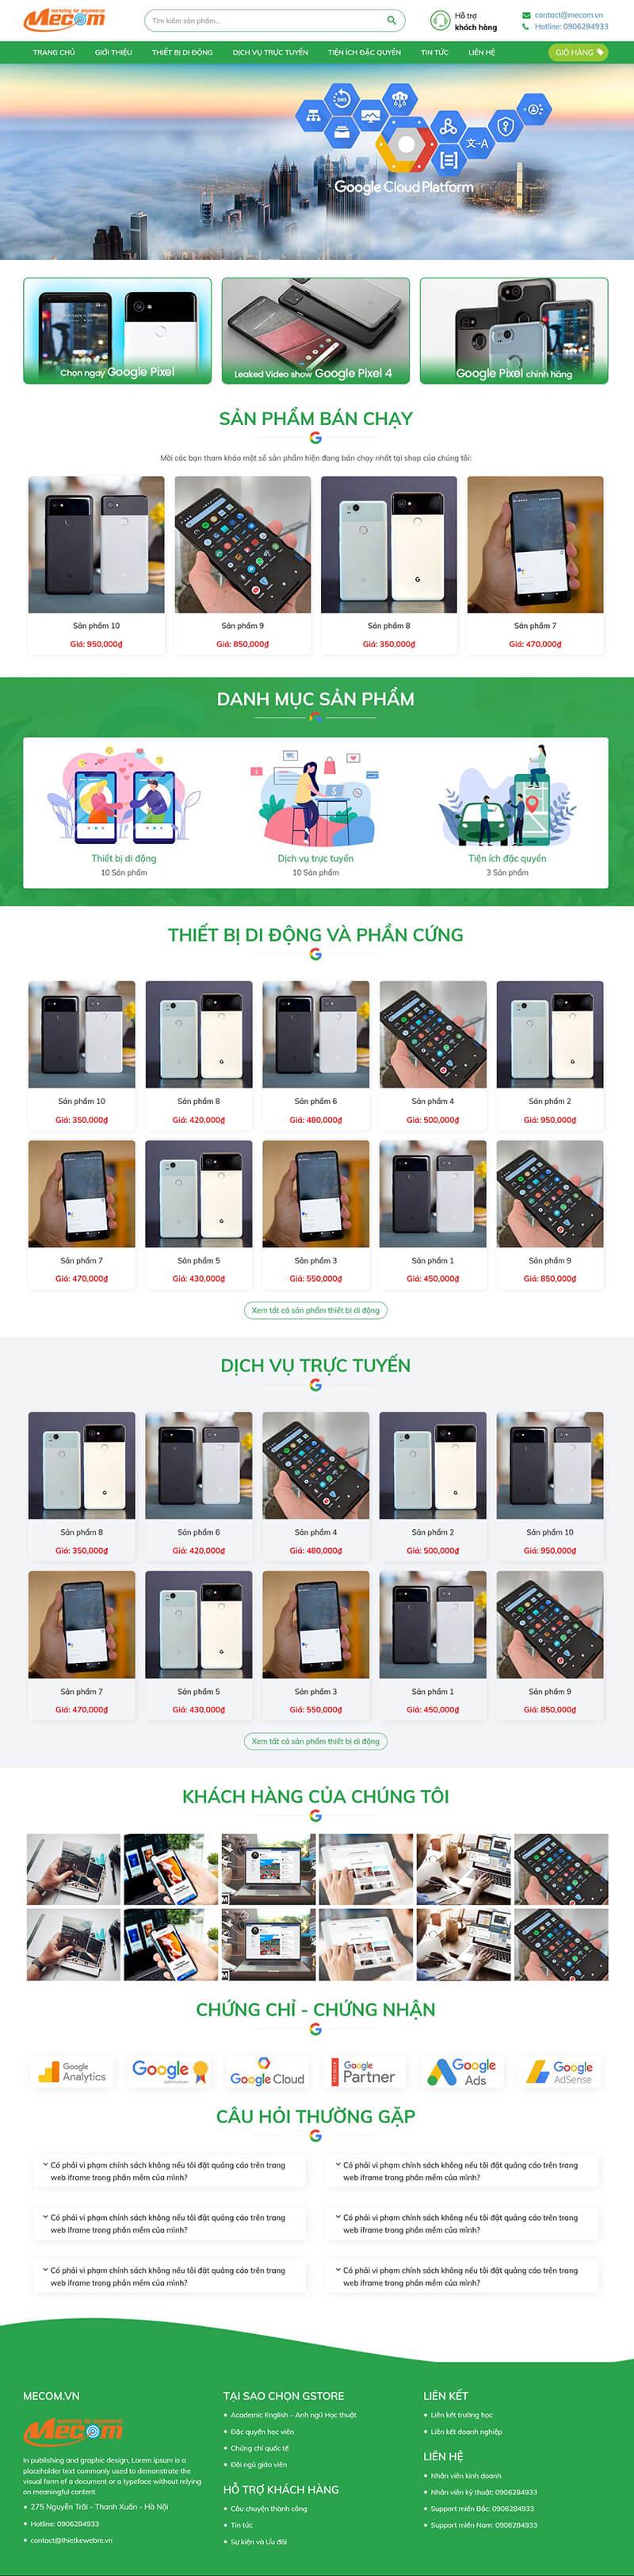 Thiết kế website bán hàng điện thoại Gstore